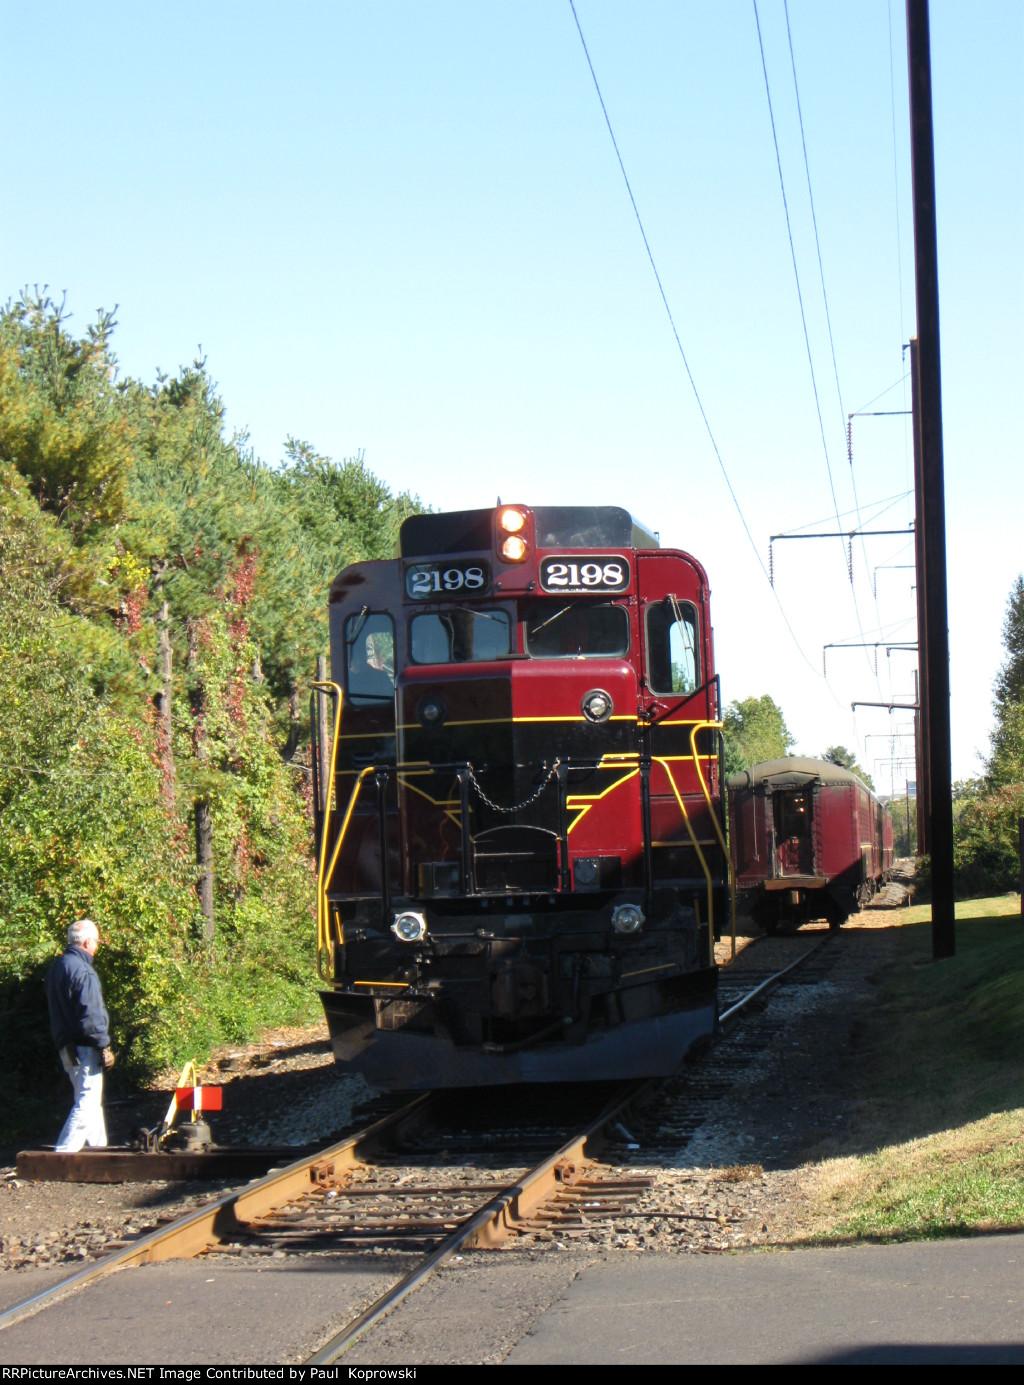 NHRR 2198